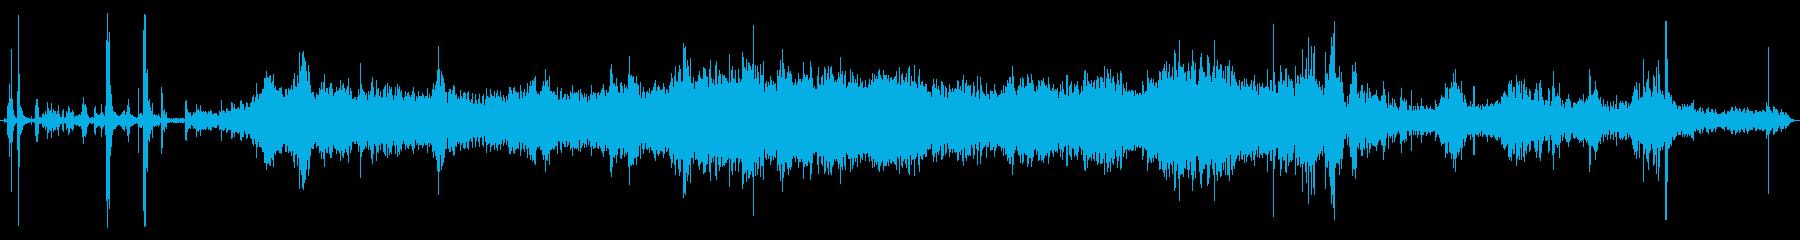 古いピックアップトラック:内部:ド...の再生済みの波形